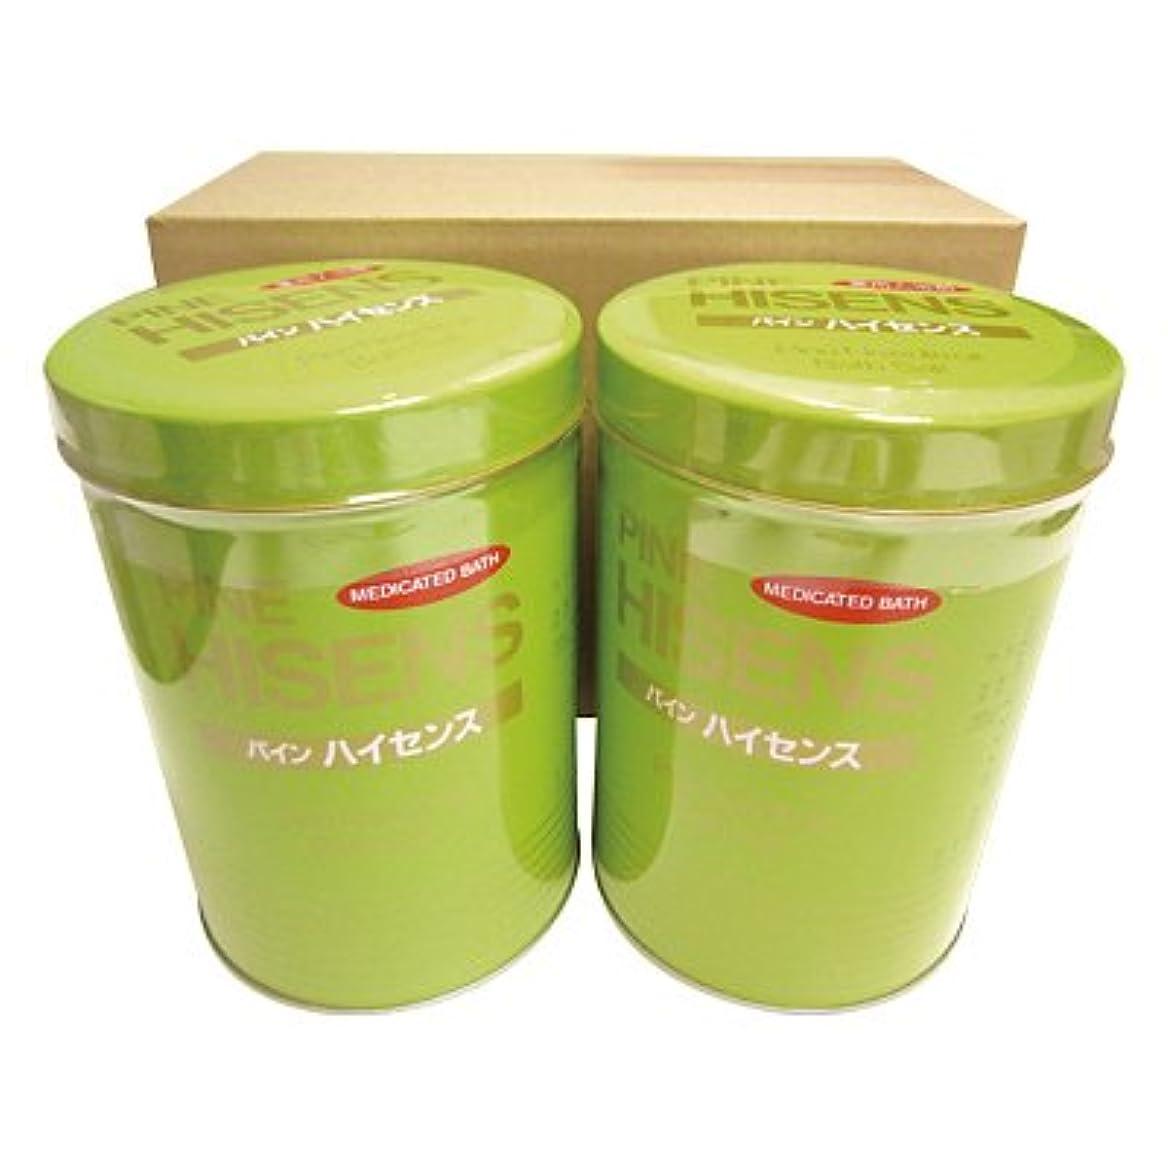 幸福優雅美的高陽社 薬用入浴剤 パインハイセンス 2.1kg 2缶セット